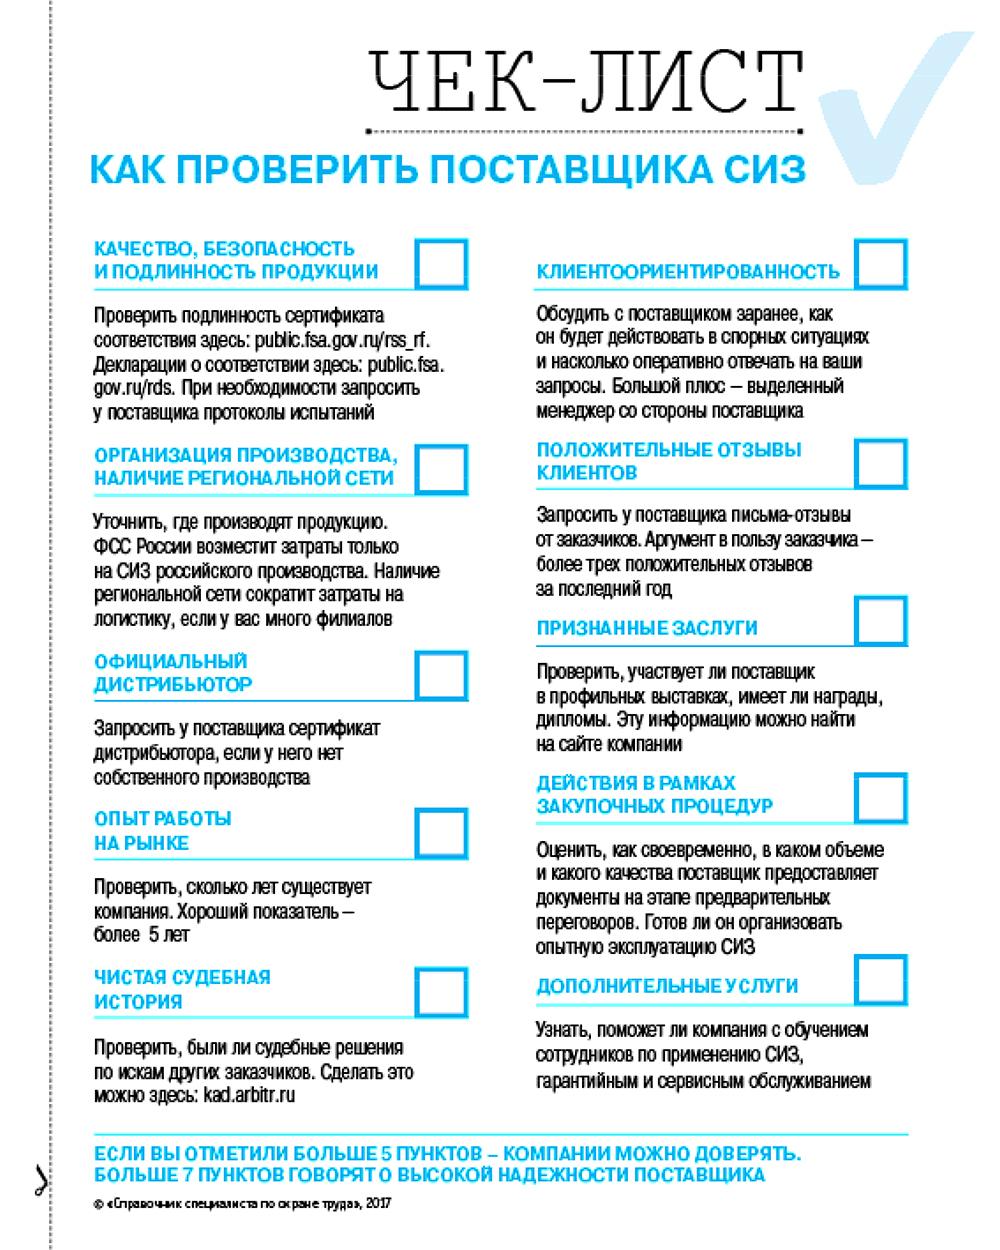 Выбор поставщика СИЗ: Чек-лист